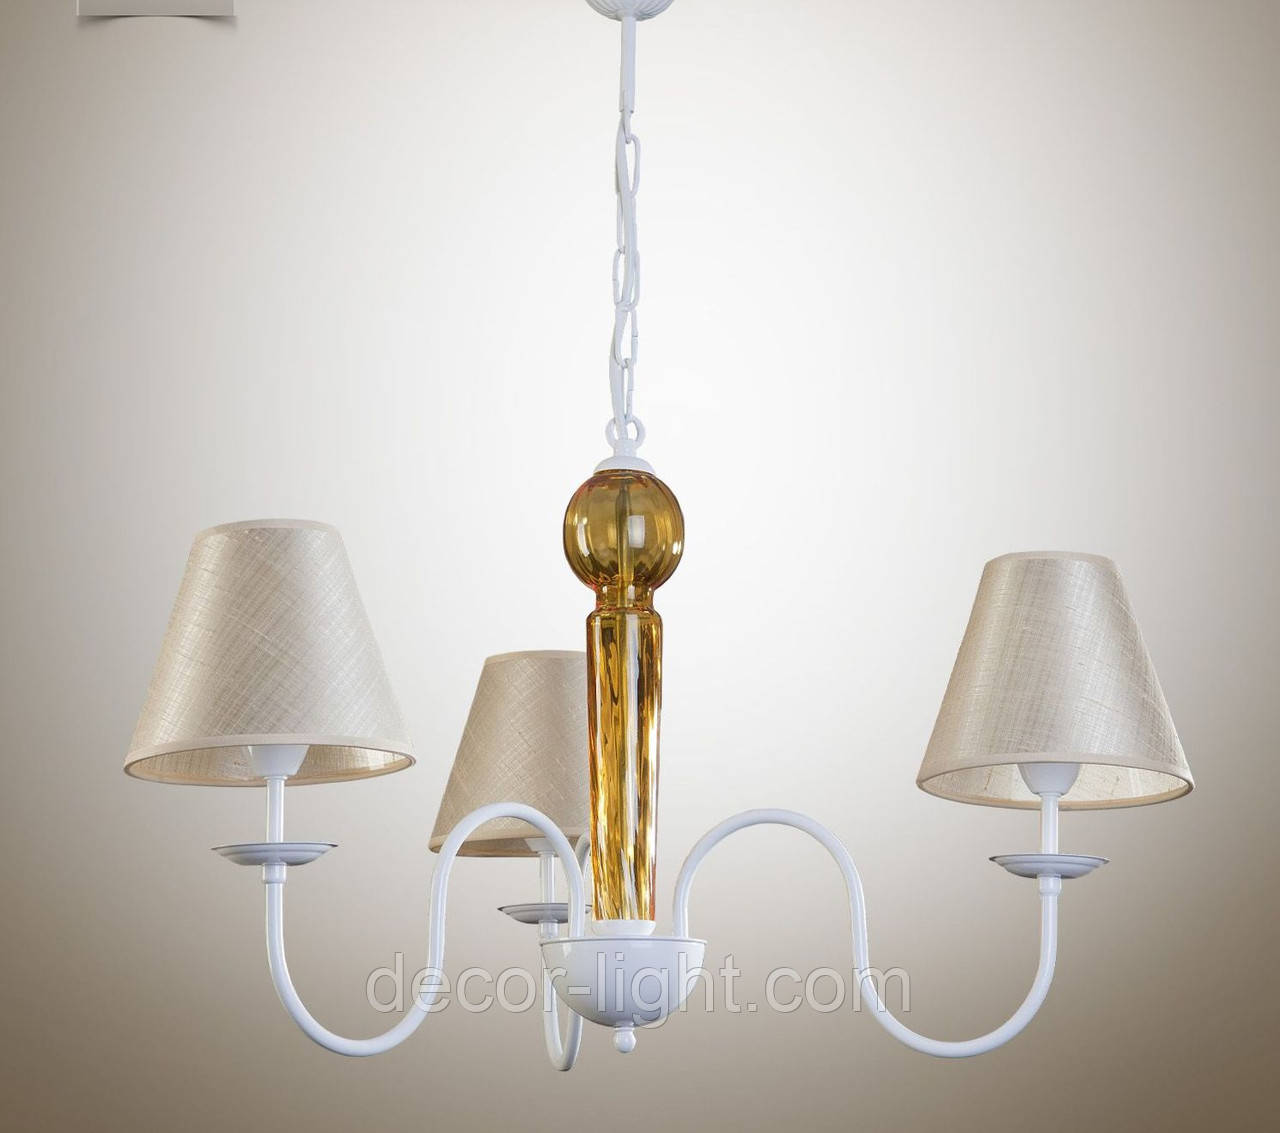 Люстра 3-х ламповая, металлическая с кремовыми абажурами для спальни, детской 17103-3